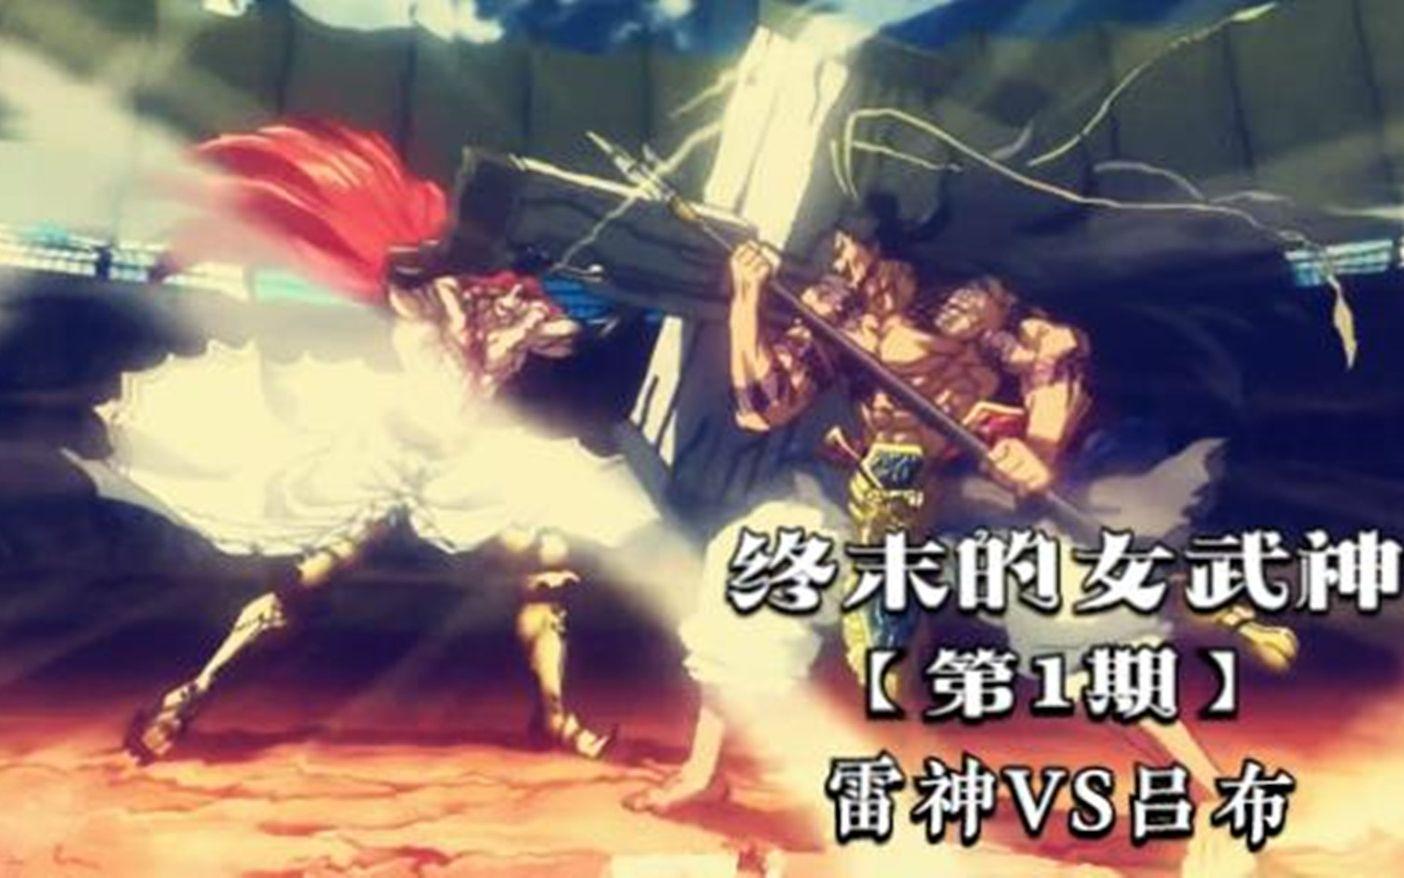 终末的女武神01: 人类首次挑战神明, 飞将吕布vs雷神托尔